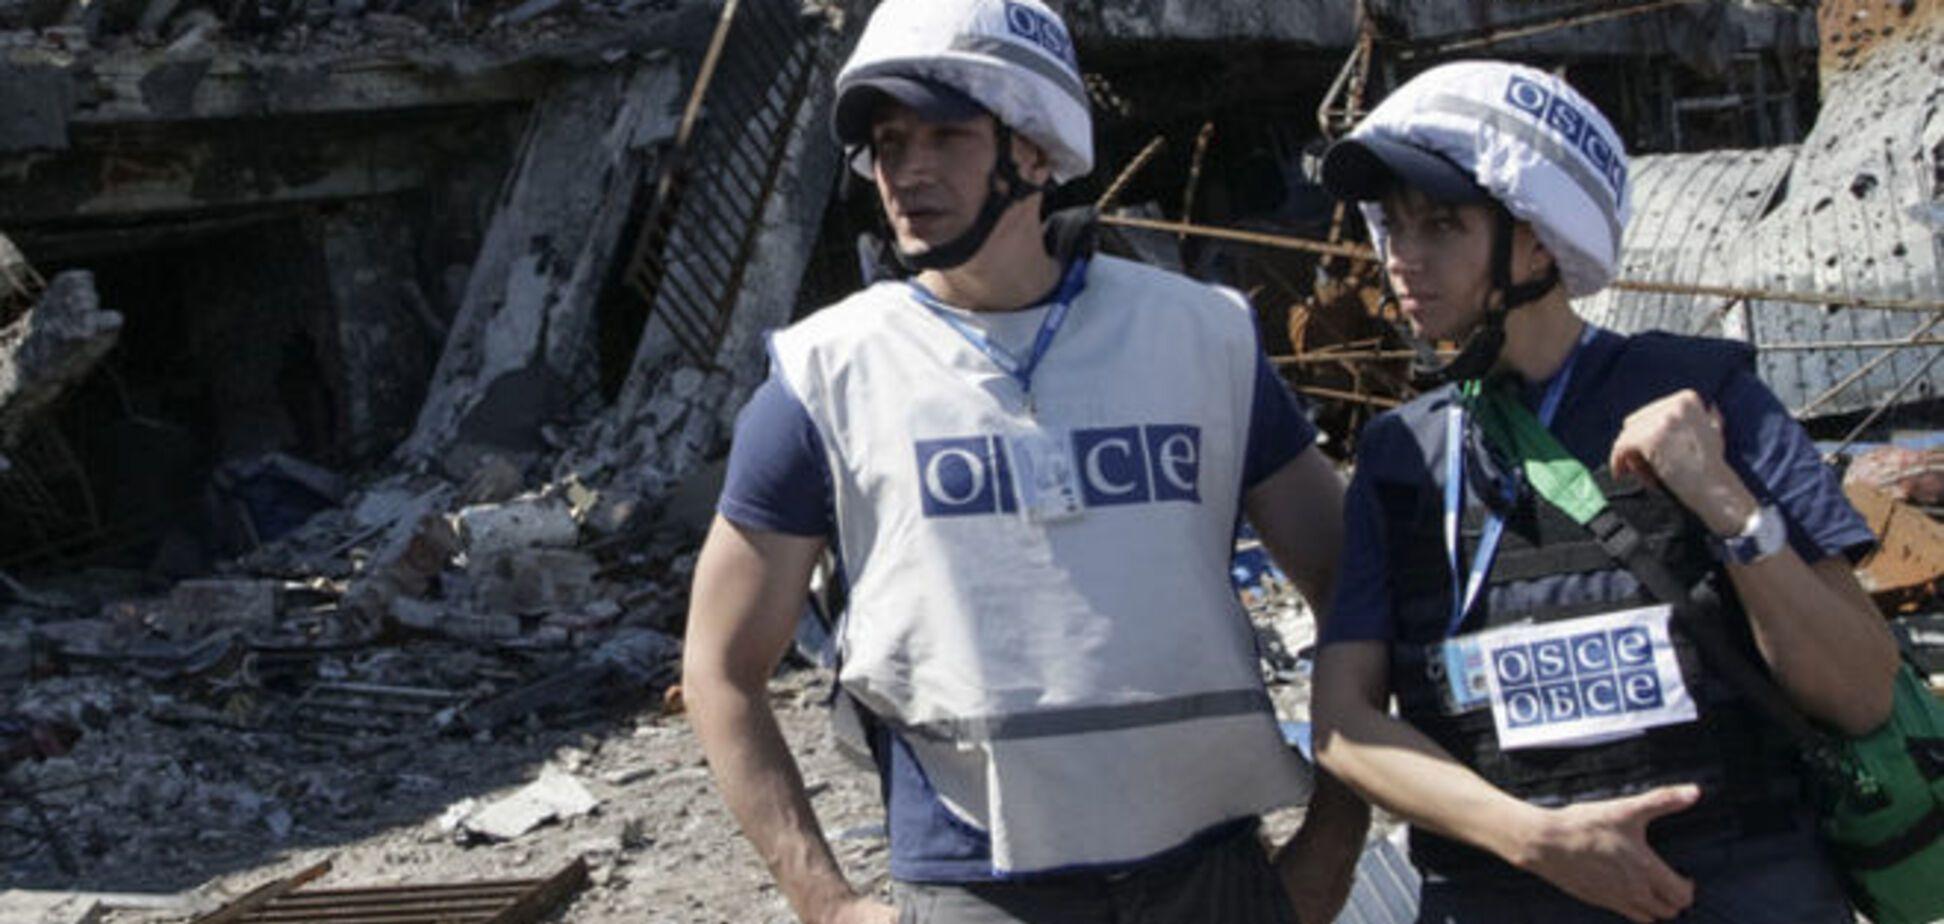 ОБСЕ: террористы 'ДНР' обстреляли ВСУ из Киевского района Донецка